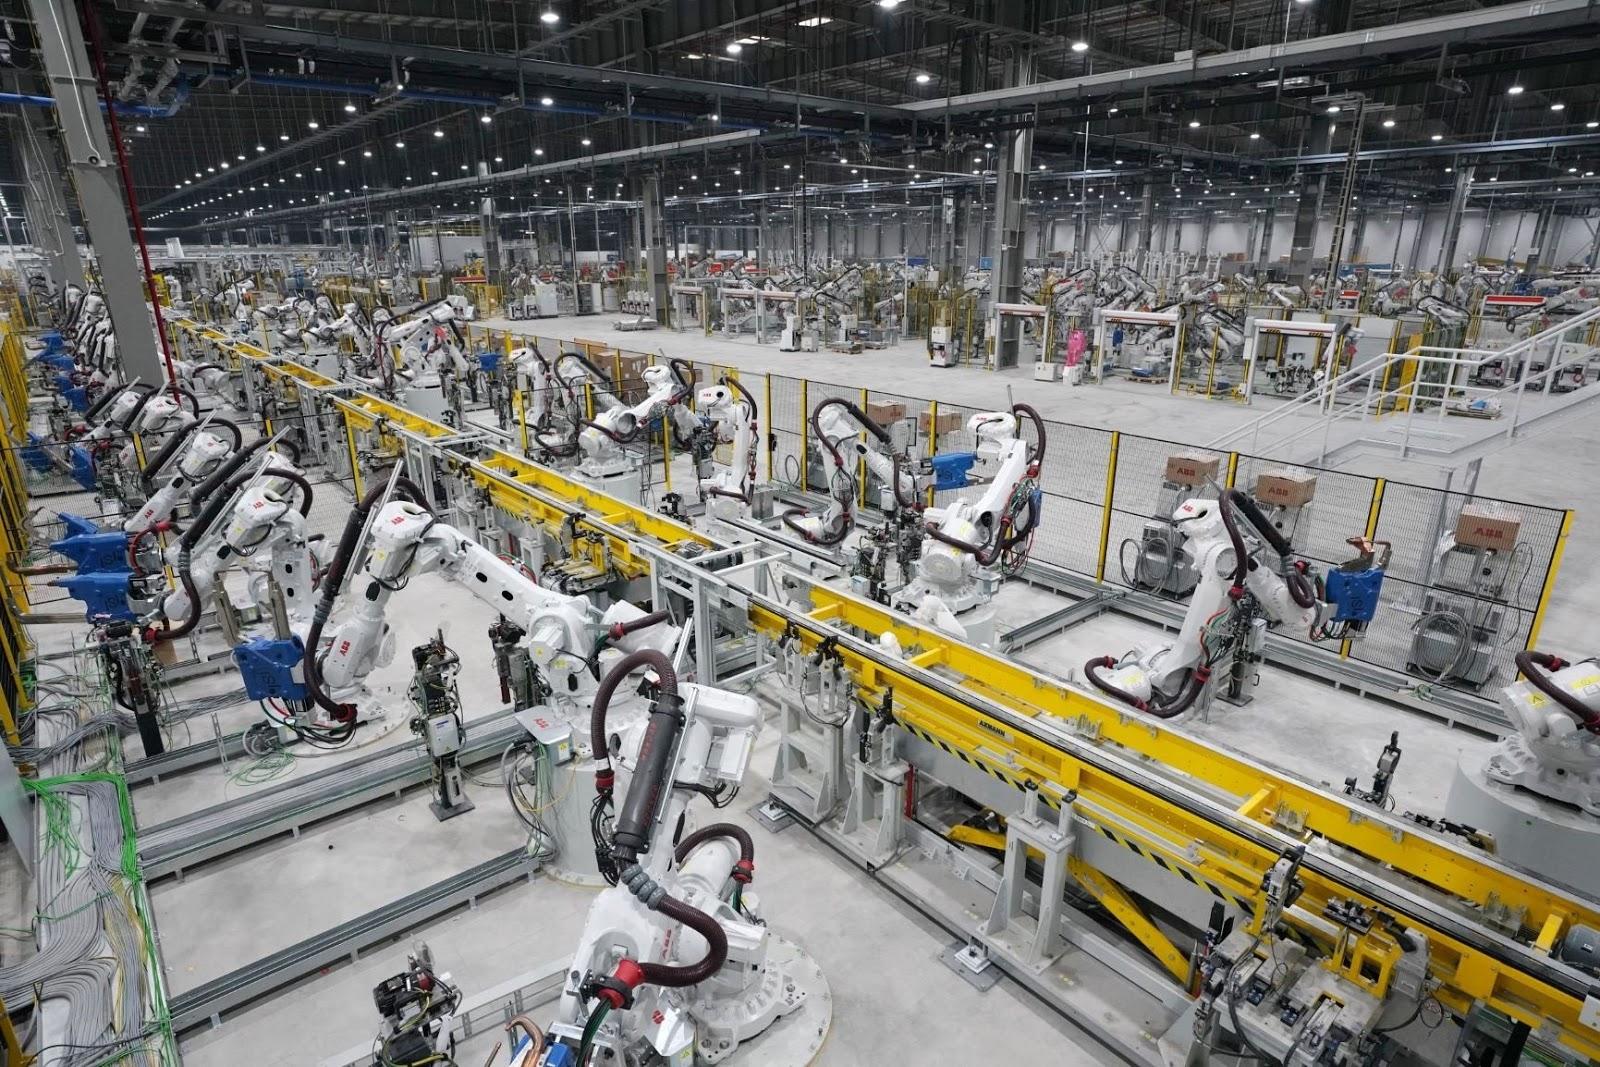 """Nếu nghĩ máy móc công nghiệp phải """"hoành tráng"""" thế này thì chưa chắc đã chính xác"""